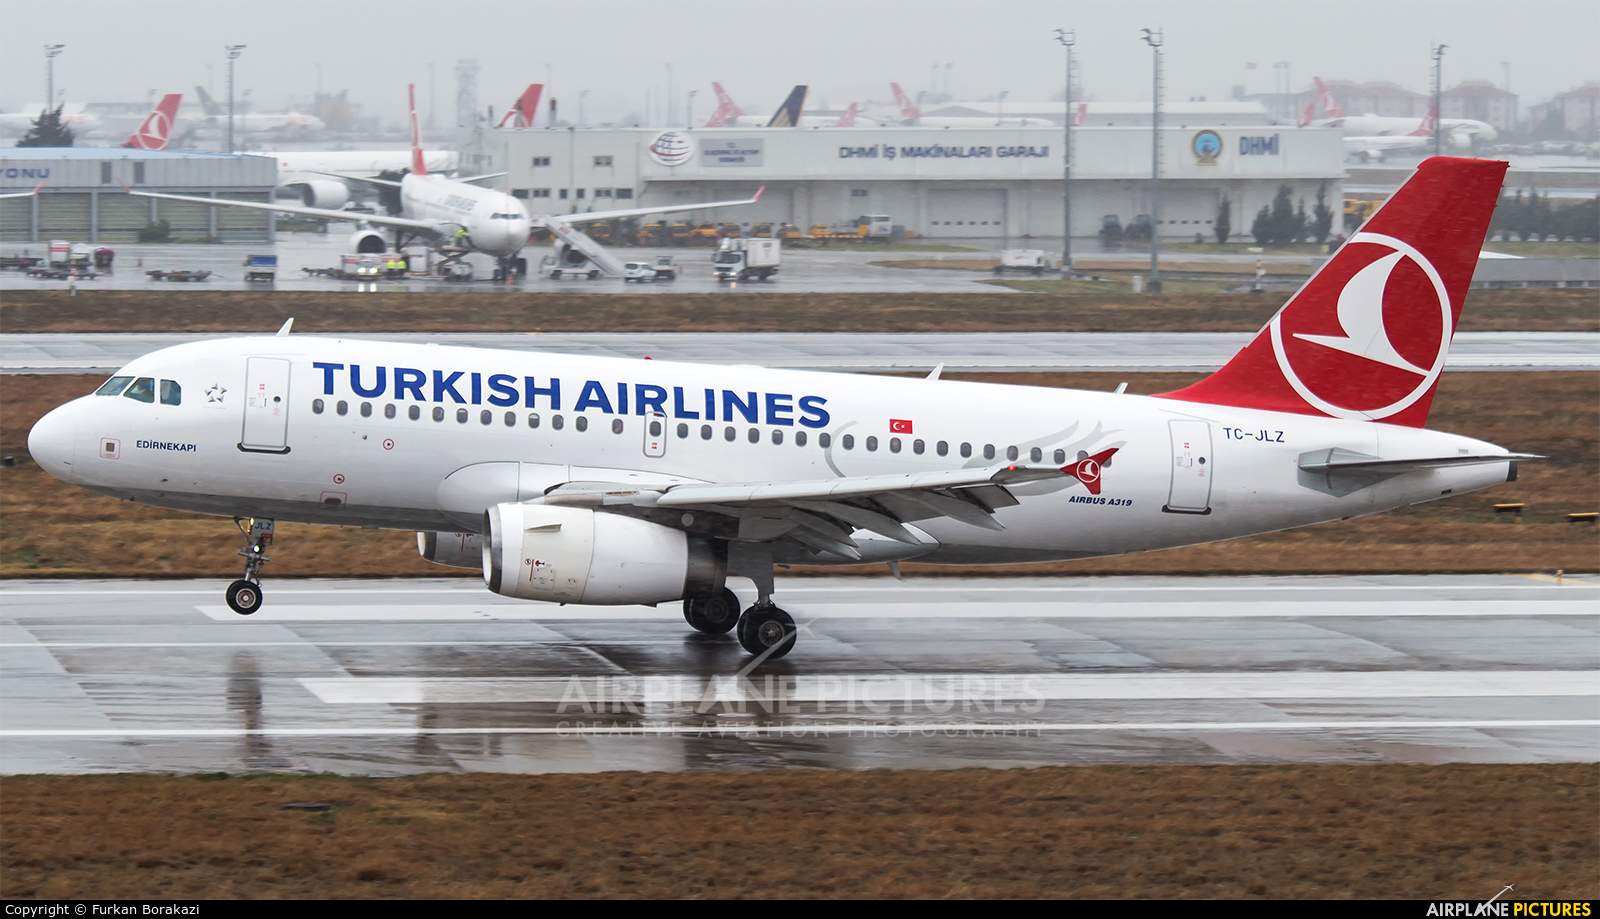 Turkish Airlines TC-JLZ aircraft at Istanbul - Ataturk